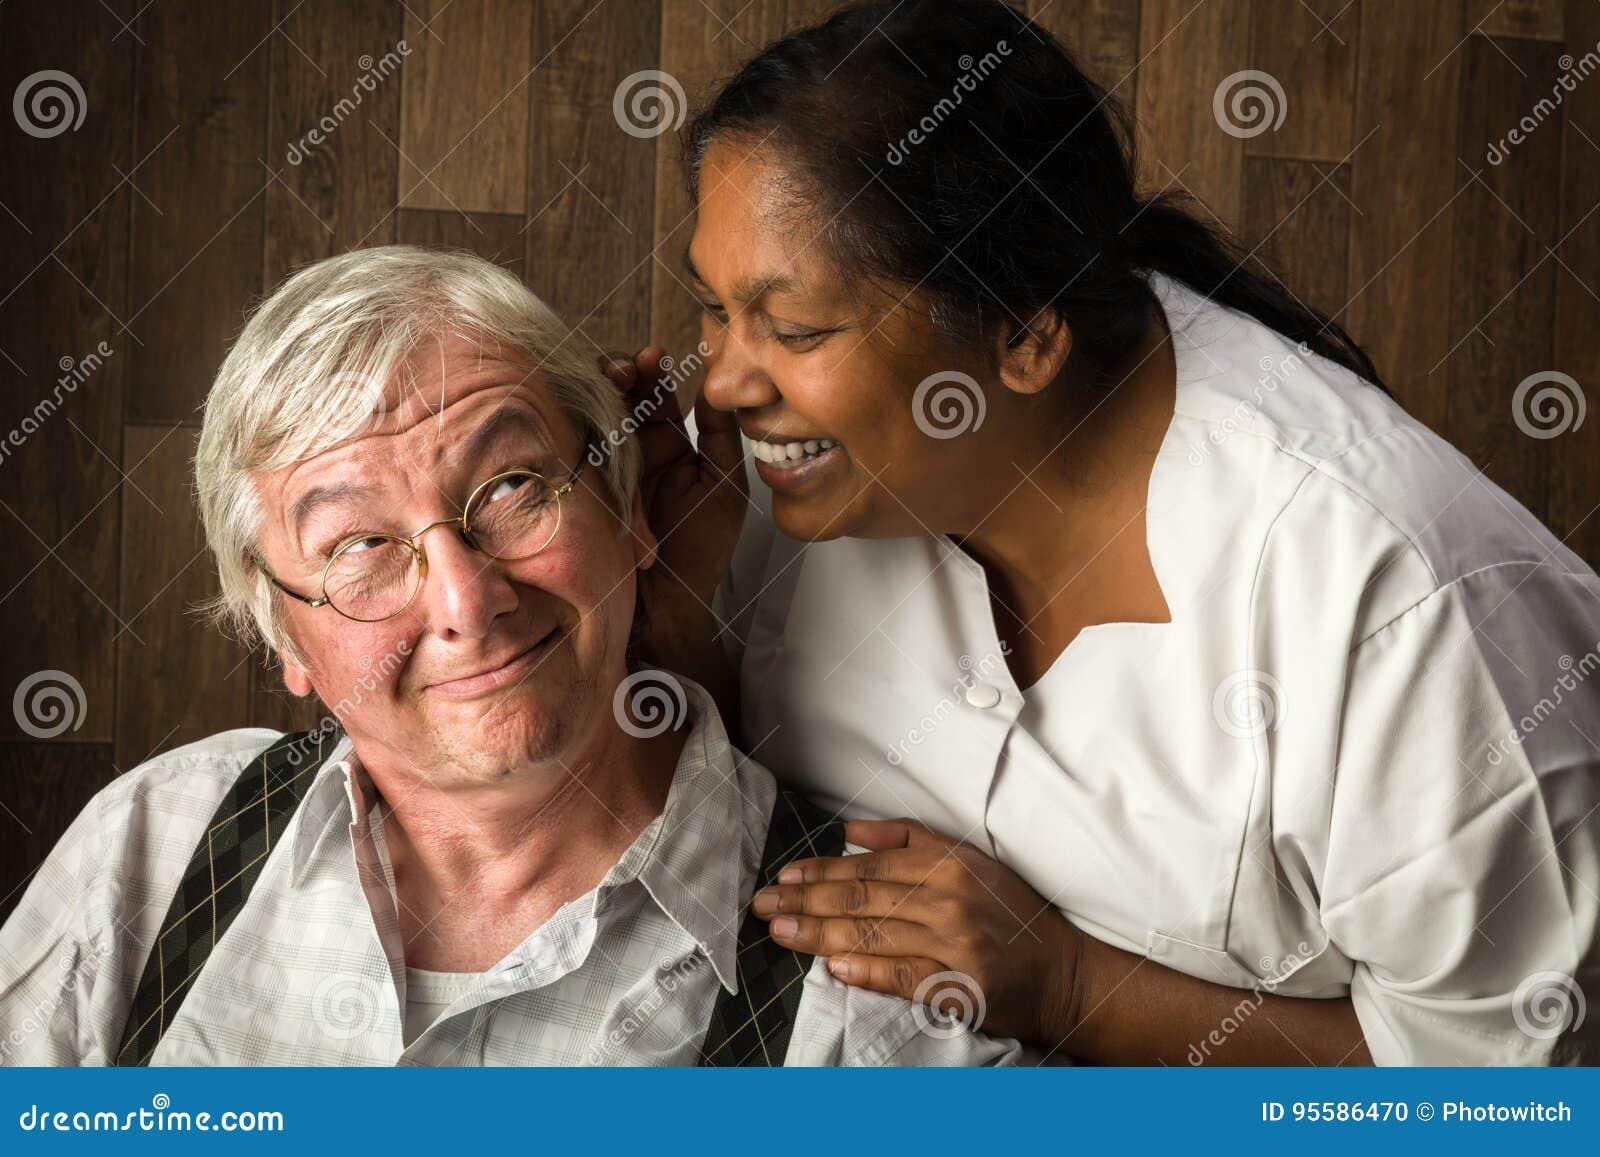 Pielęgniarka opowiada starsza osoba mężczyzna